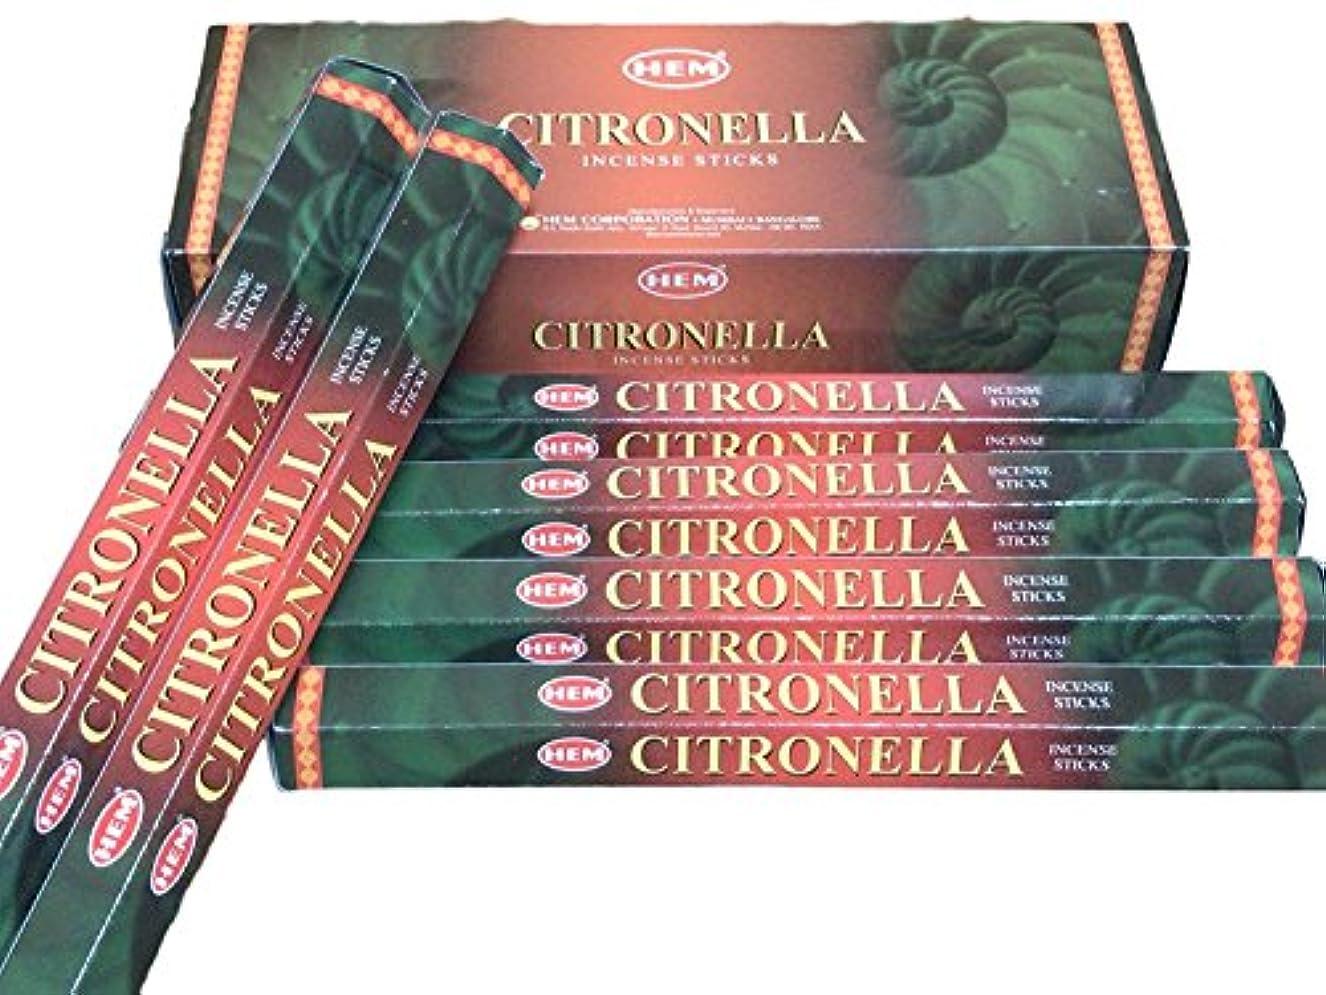 注入する中世のスリチンモイHEM ヘム シトロネラ CITRONELLA ステック お香 6本 セット